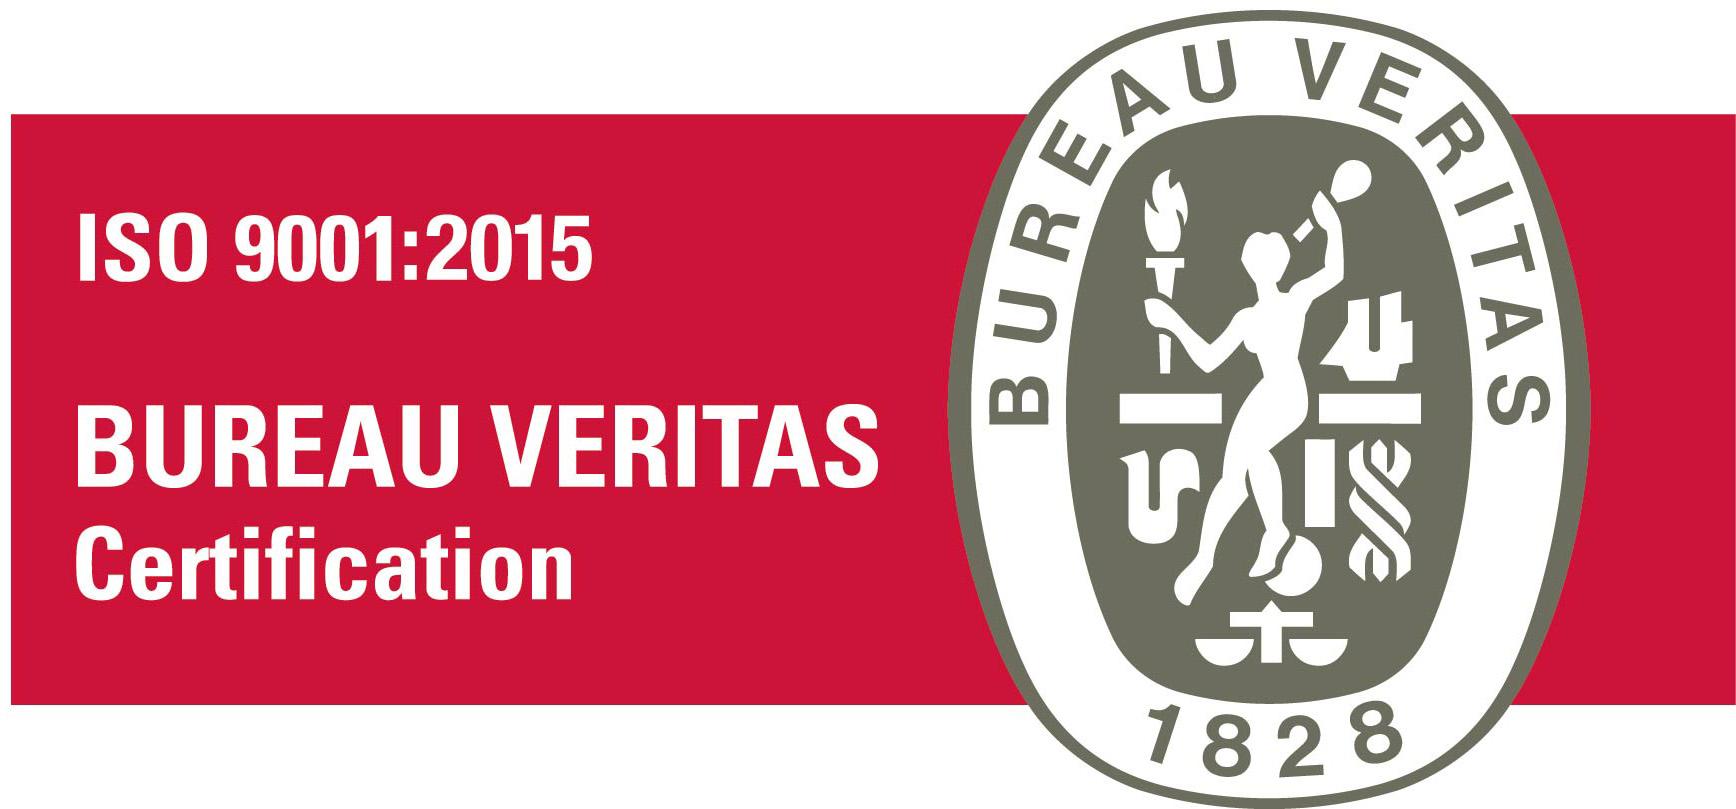 BV_Certification_ISO9001_2015_edited.jpg